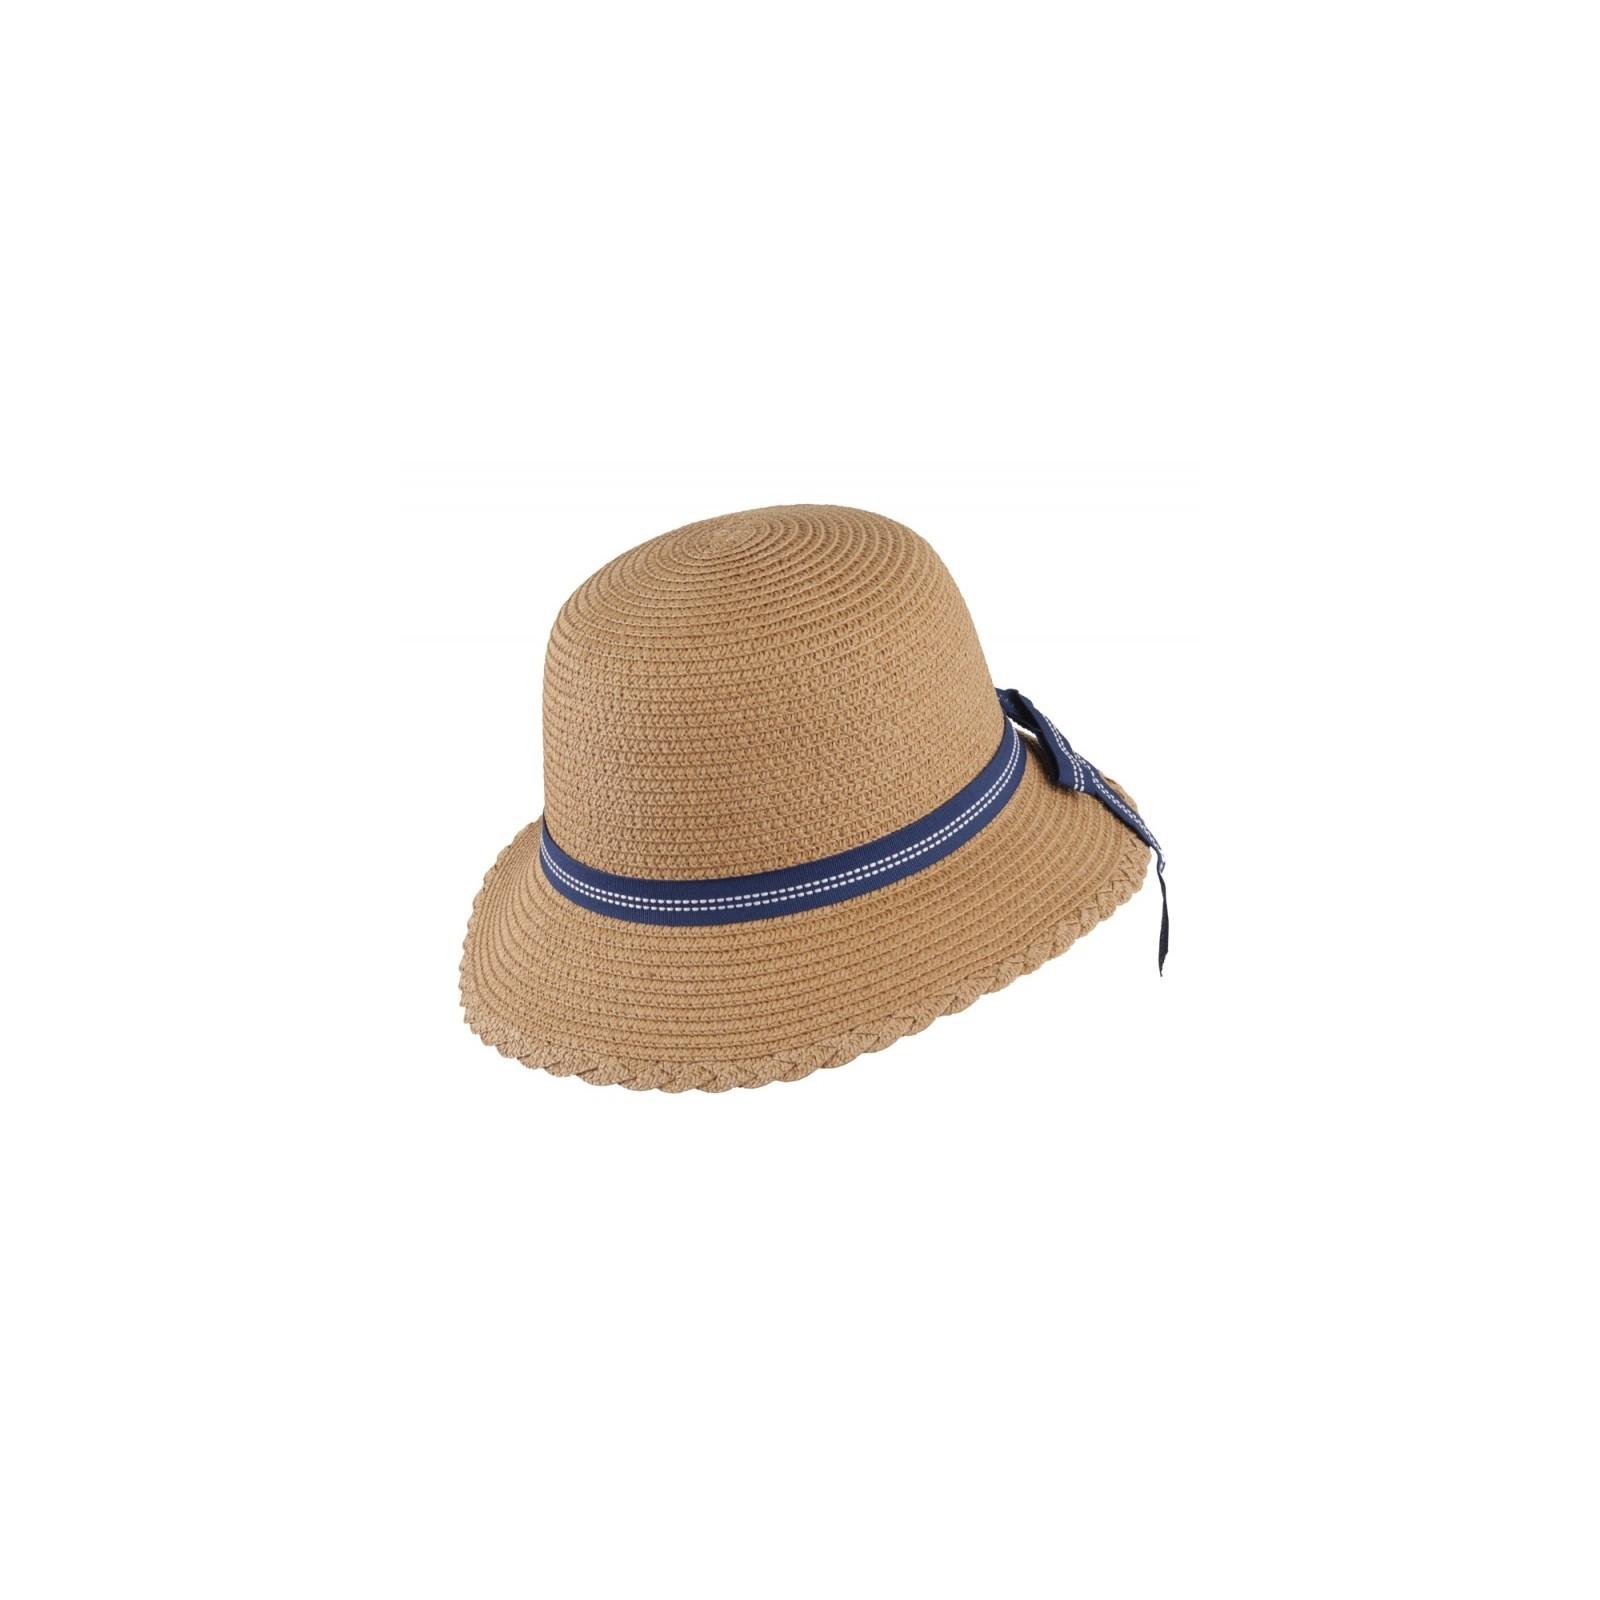 Scippis Sara women's hat